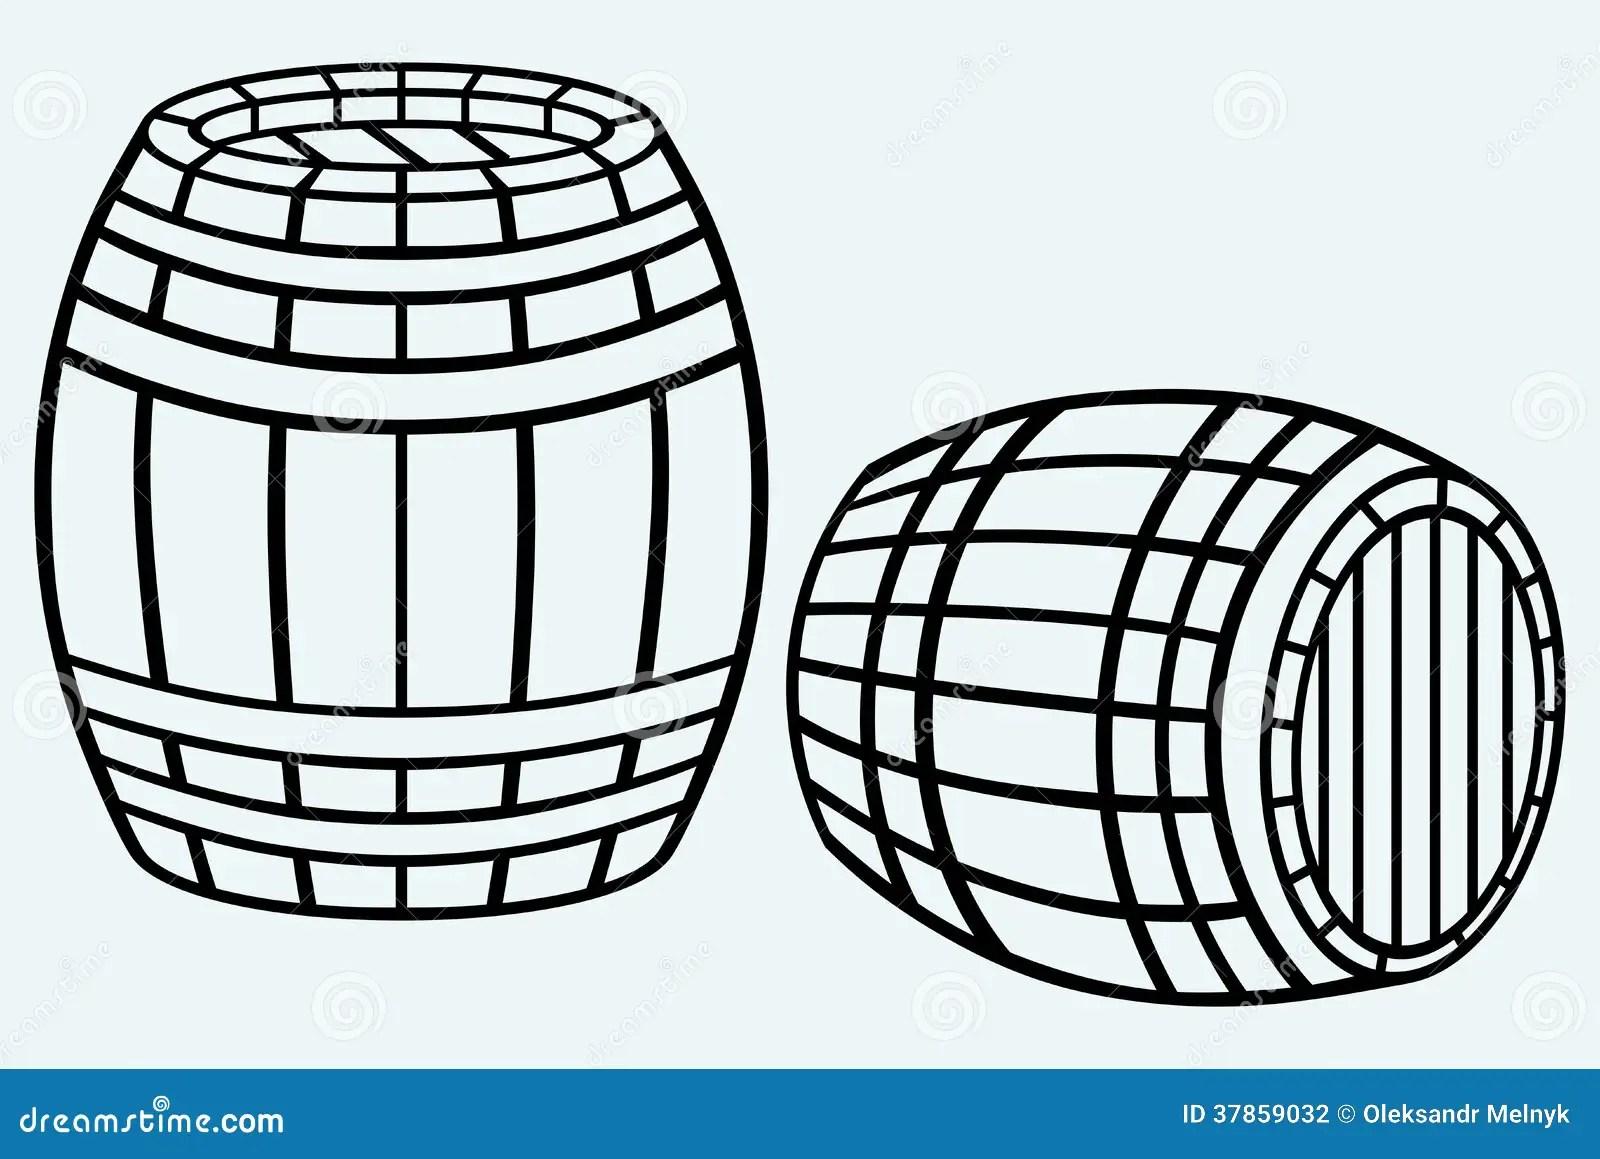 Hölzernes Fass vektor abbildung. Illustration von tonne